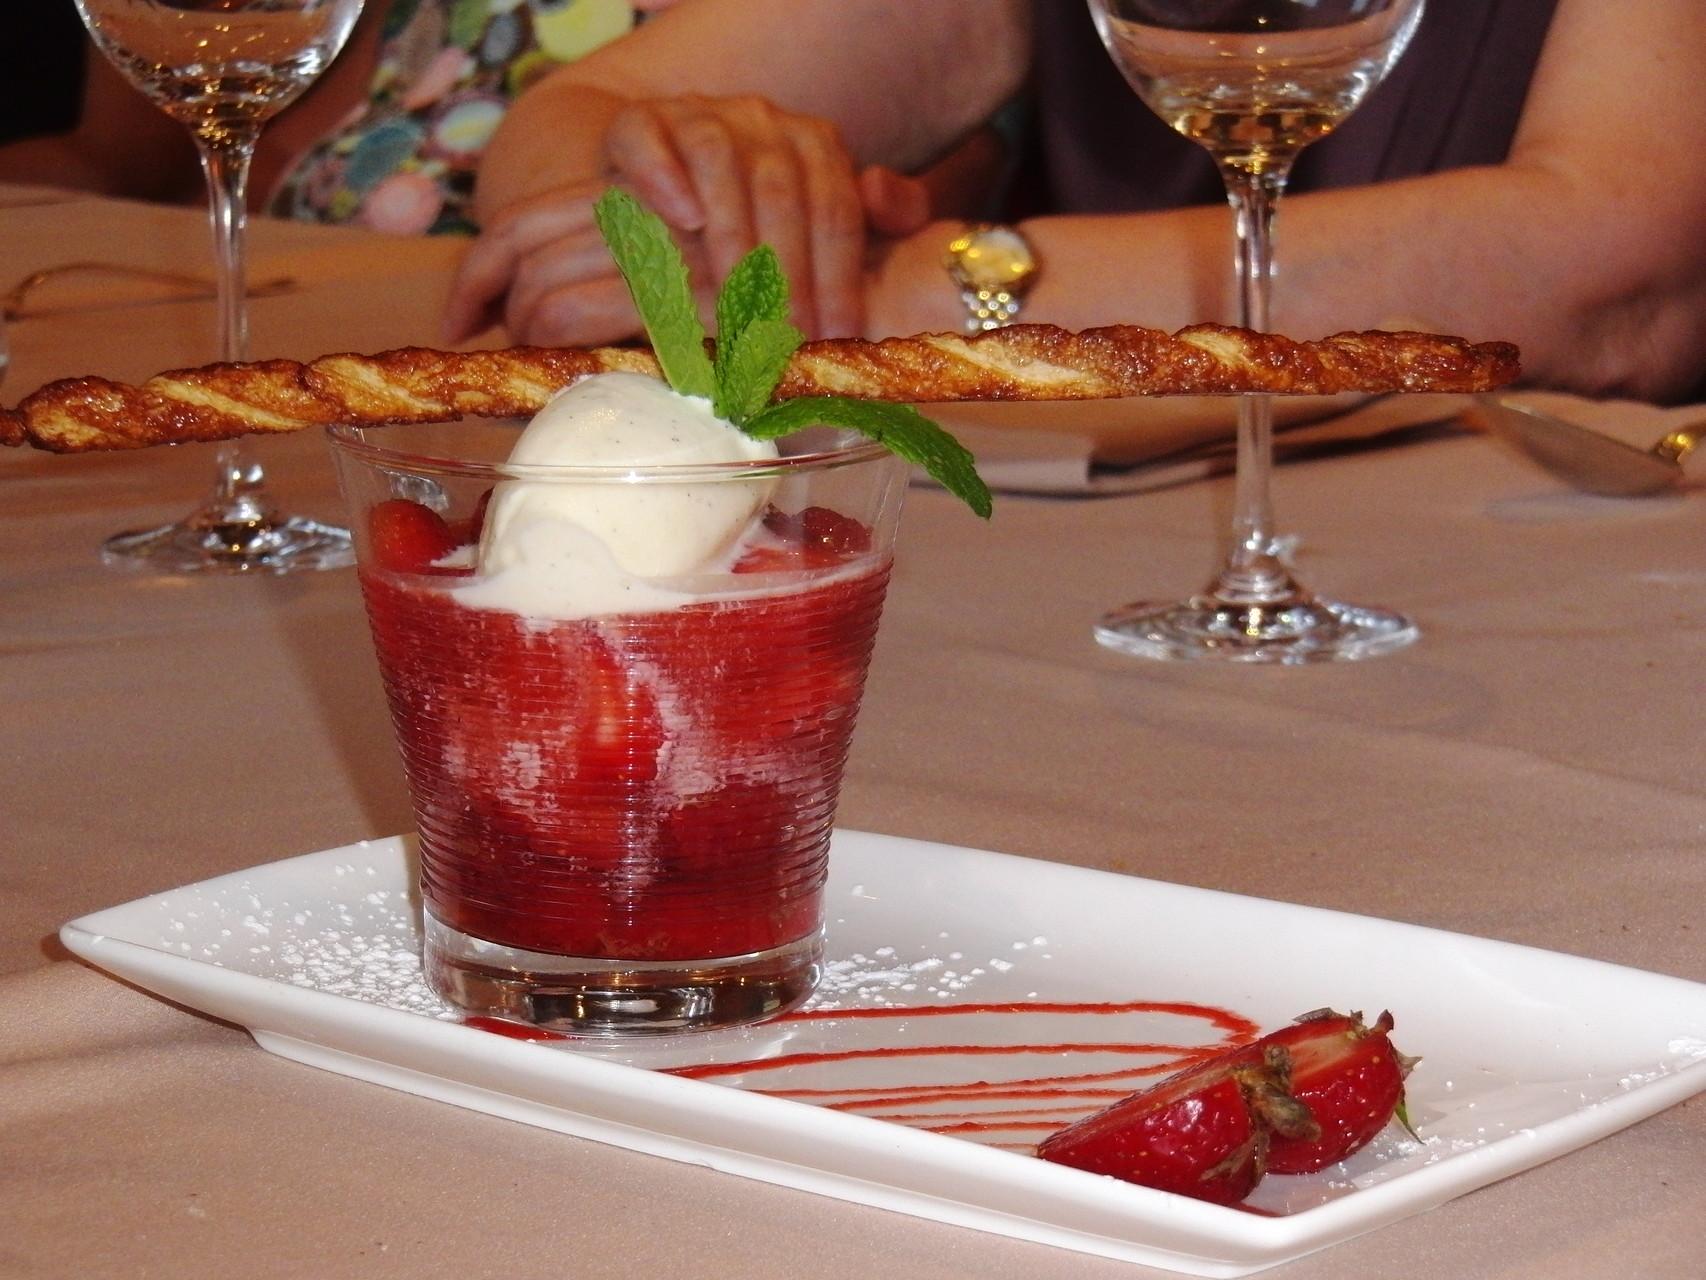 Das Dessert war ein Traum! 2012 Morsbronn-les-Bains